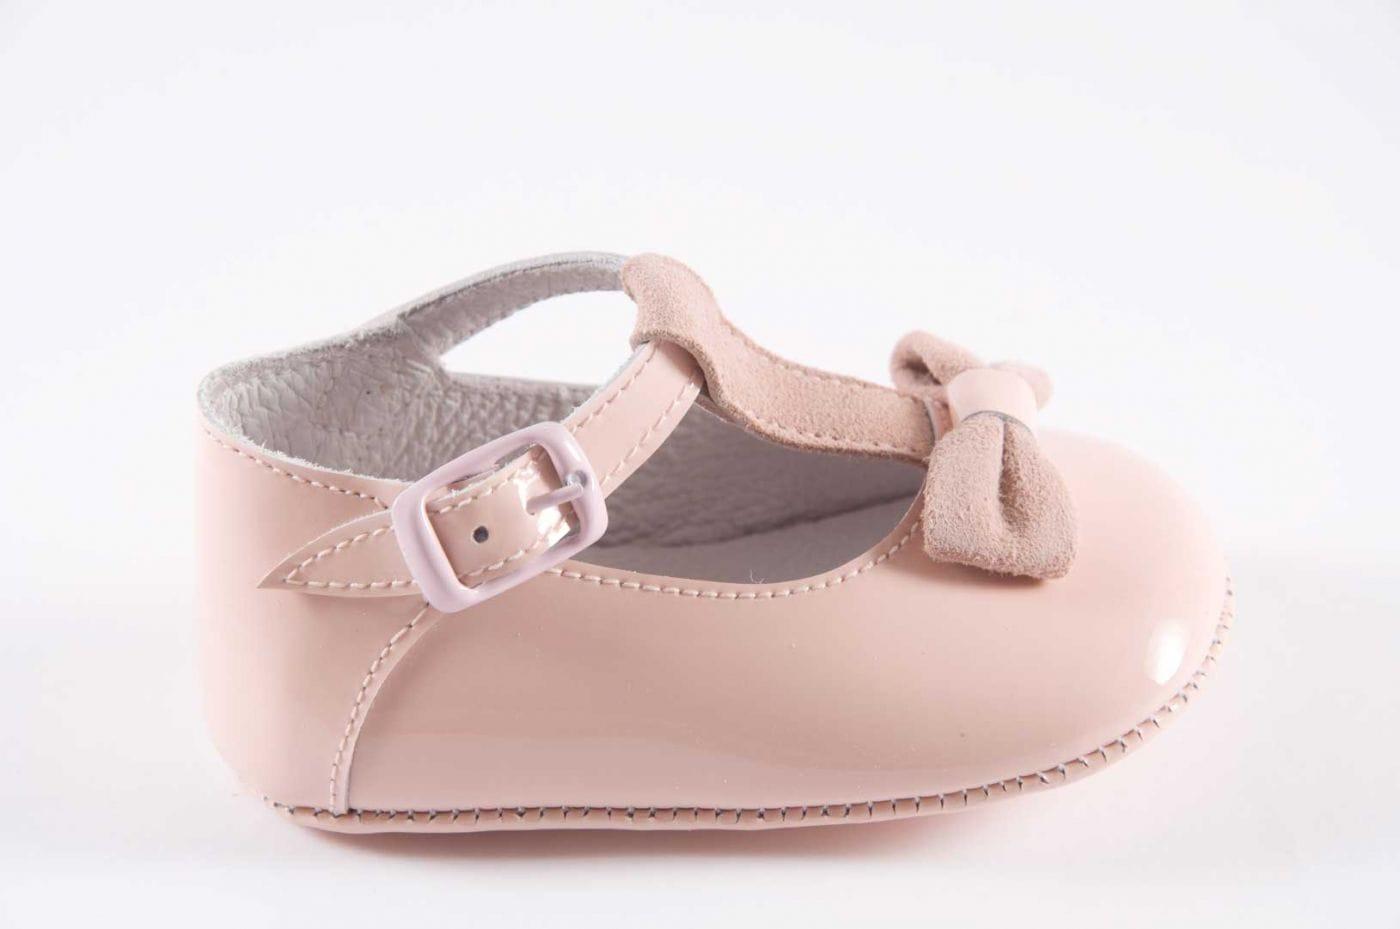 19faff190 Comprar zapato tipo BEBE NIÑA estilo MERCEDES COLOR ROSA CHAROL ...